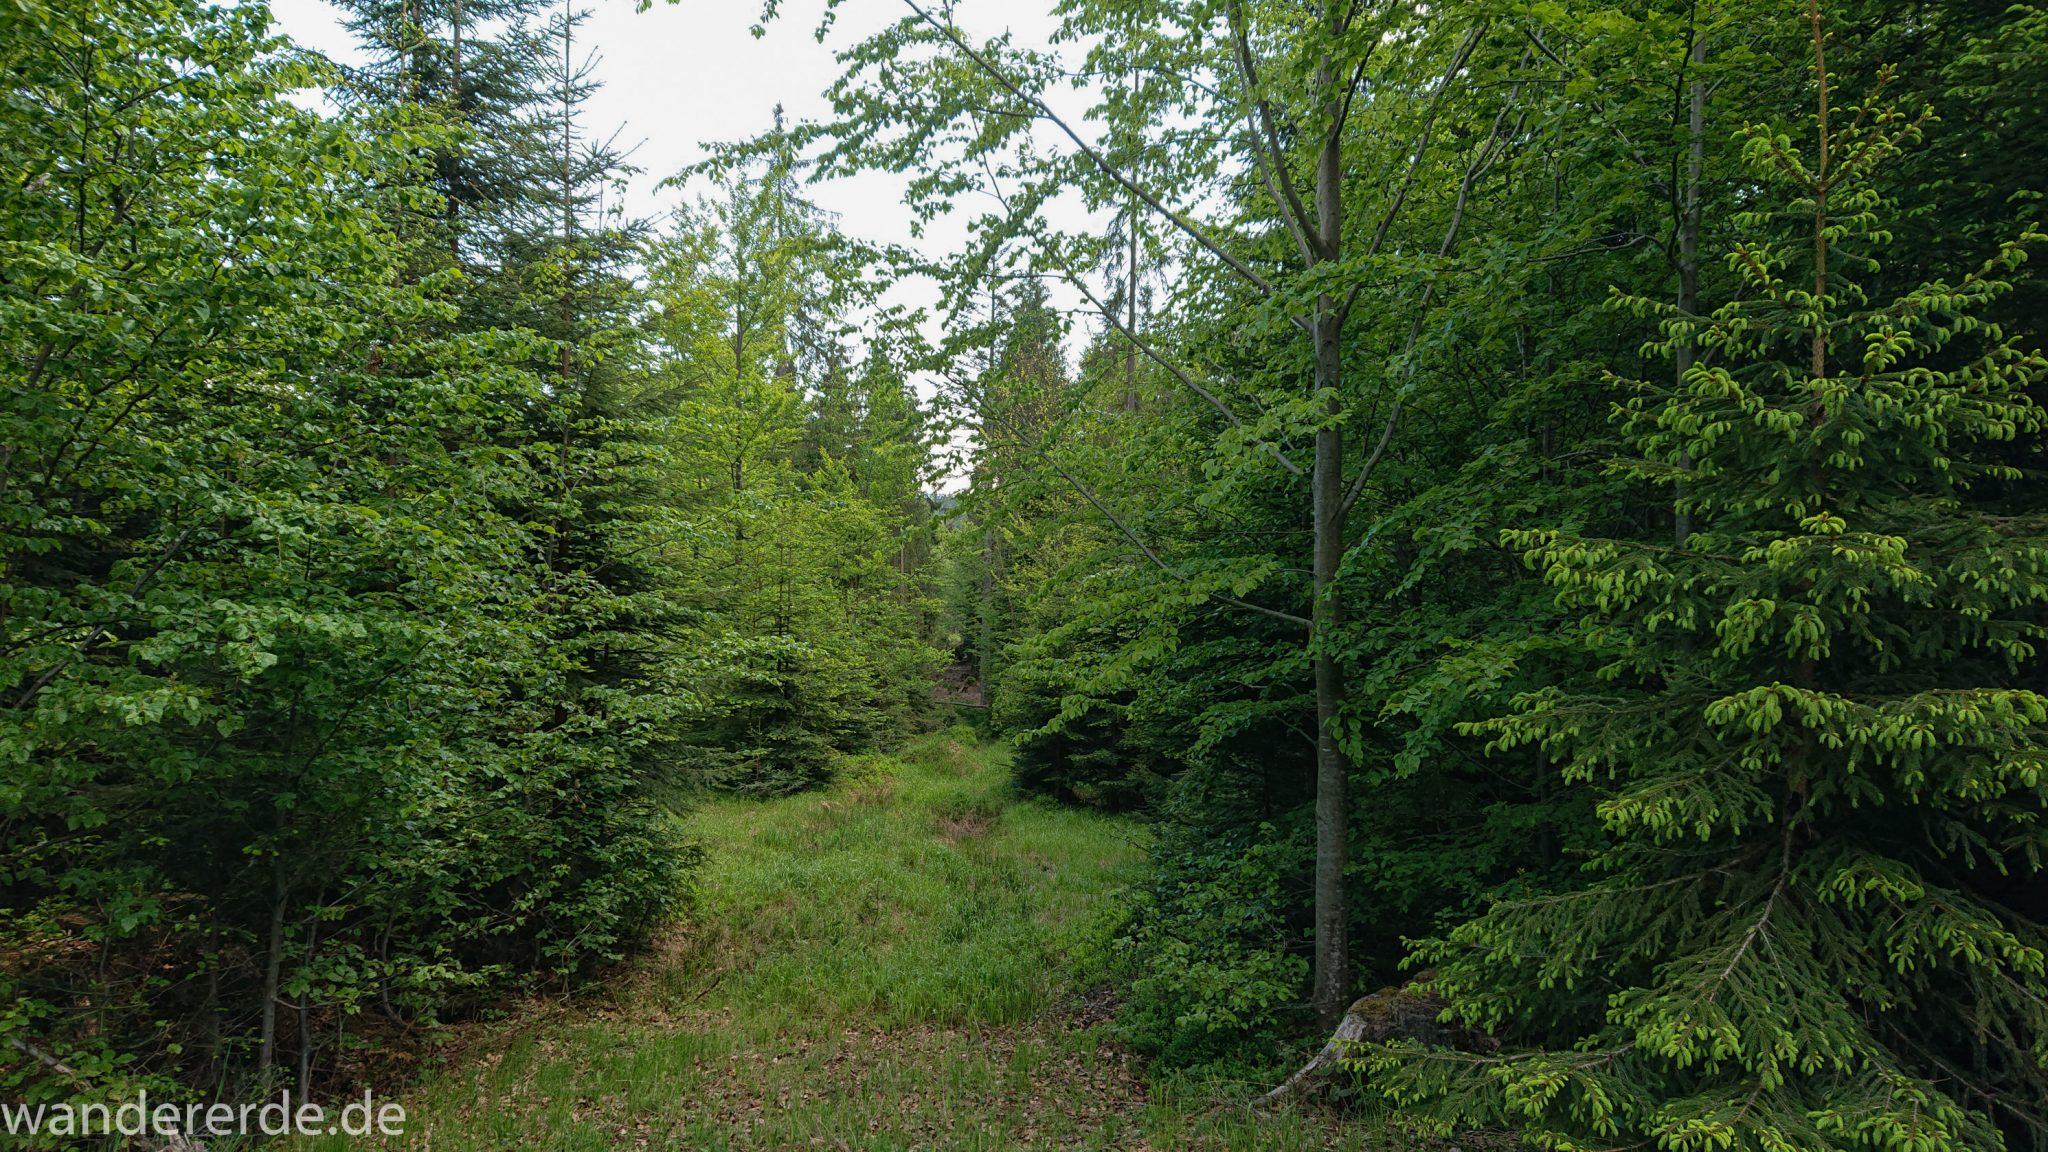 Wanderung Großer Rachel im Nationalpark Bayerischer Wald, Start Parkplatz Oberfrauenau, abwechslungsreicher Wanderweg, schöner dichter Wald in verschiedensten Grüntönen, Mischwald aus Laub- und Nadelbäumen, kühlender Schatten an warmem Frühlingstag